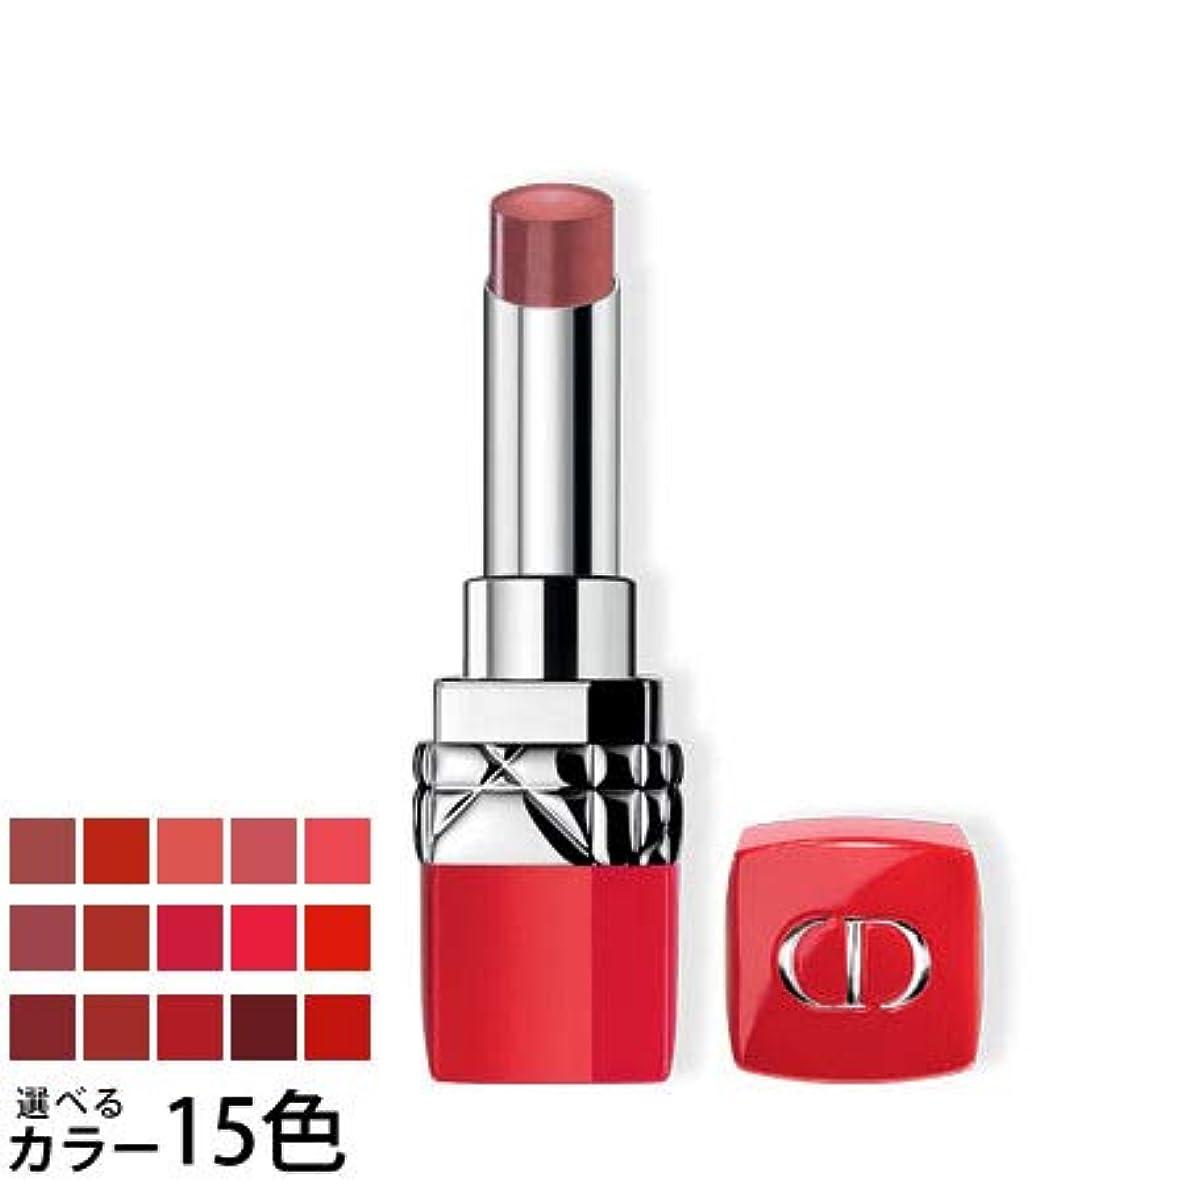 ディオール ルージュ ディオール ウルトラ ルージュ 選べる15色 -Dior- 777